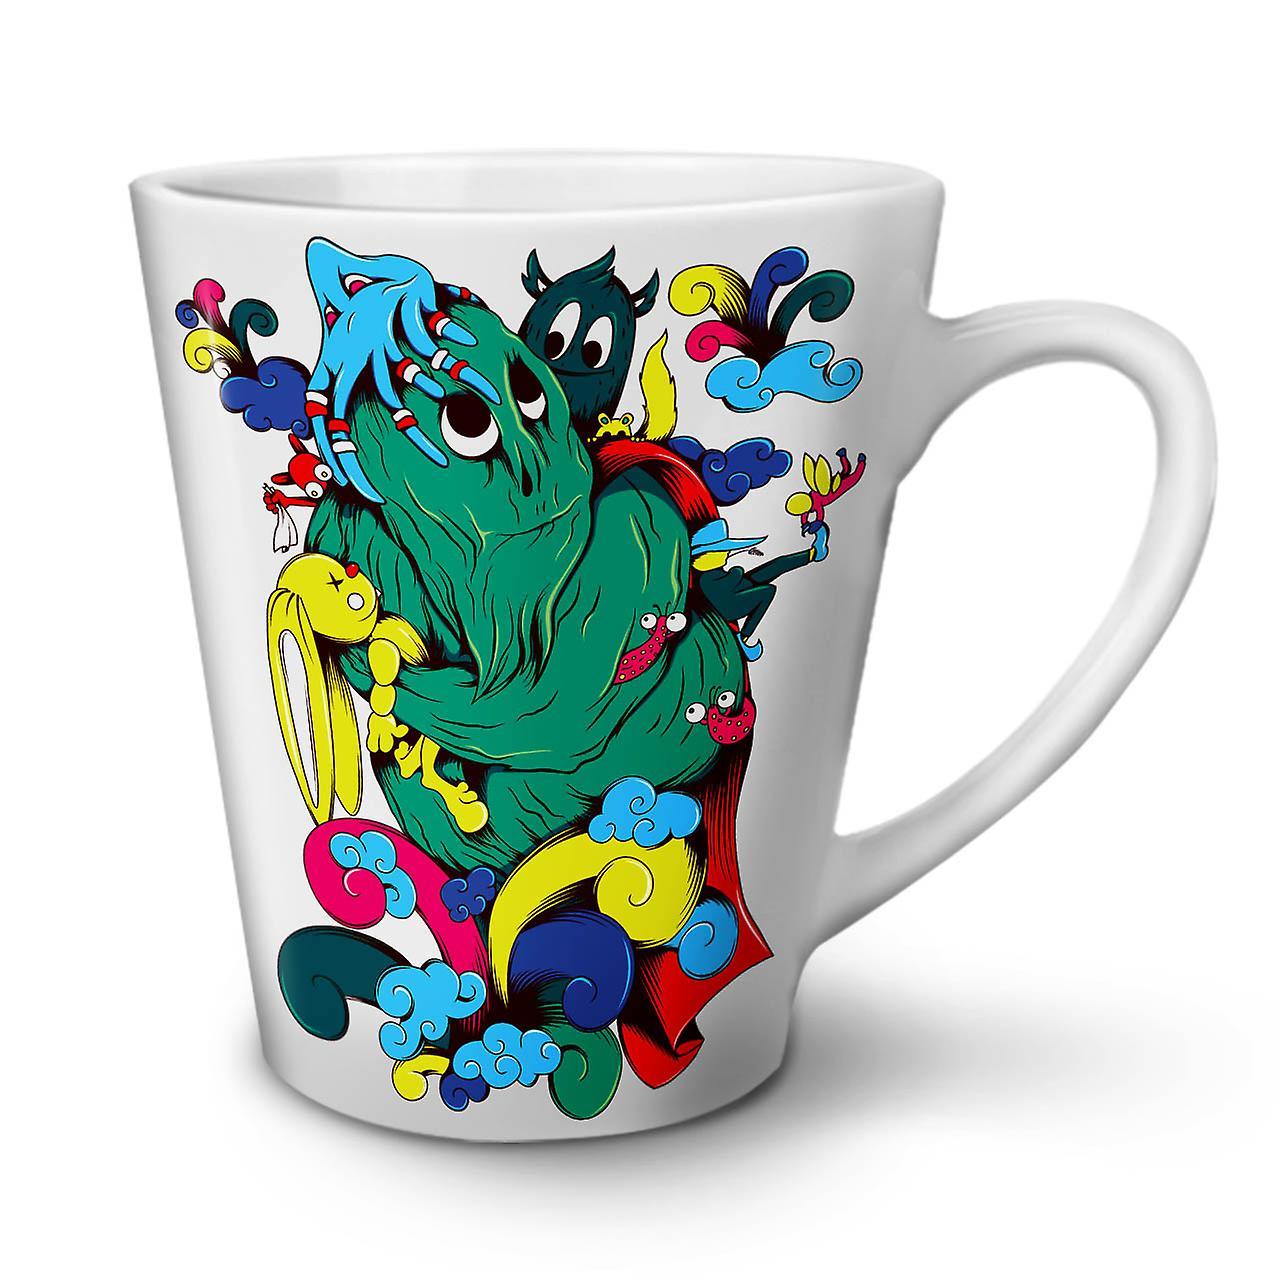 Fantaisie Cartoon Tasse Céramique OzWellcoda Café 12 Latte Nouvelle En Blanche Monster ZnPO80kXNw